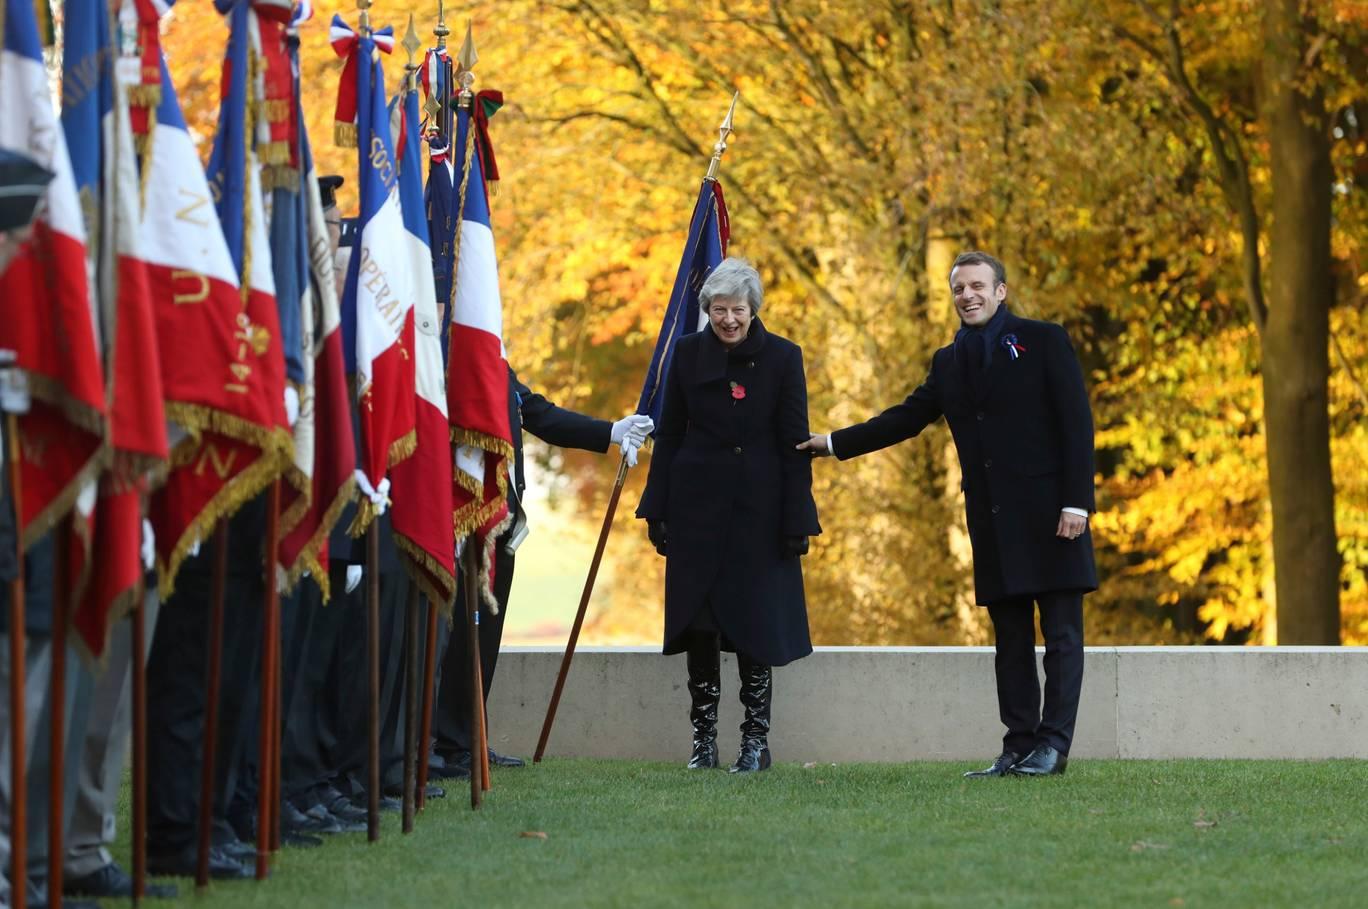 Прем'єр-міністерка Великої Британії Тереза Мей та президент Франції Емманюель Макрон